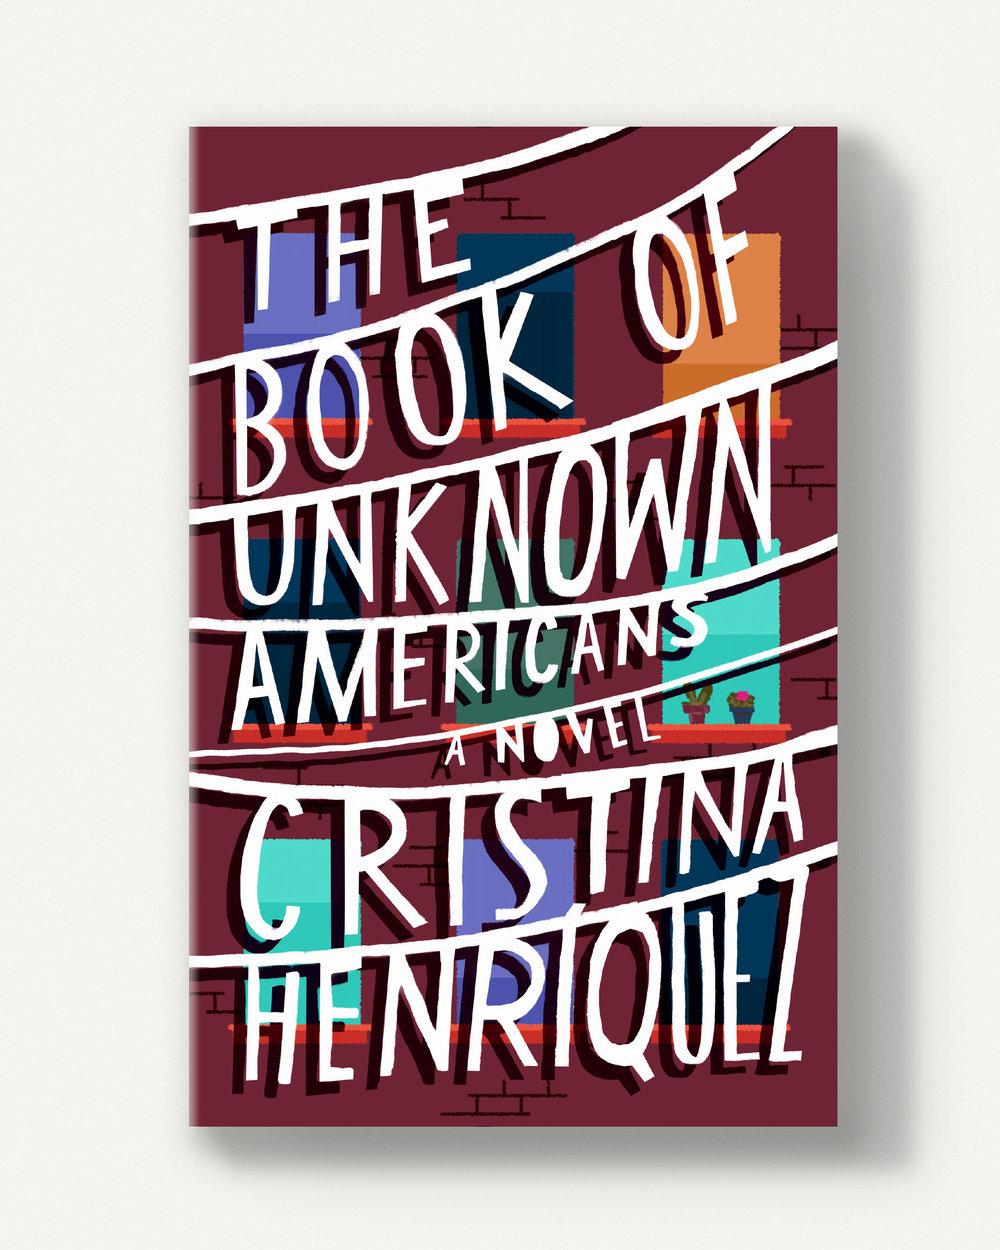 TheBookofUnknownAmericans04.jpg